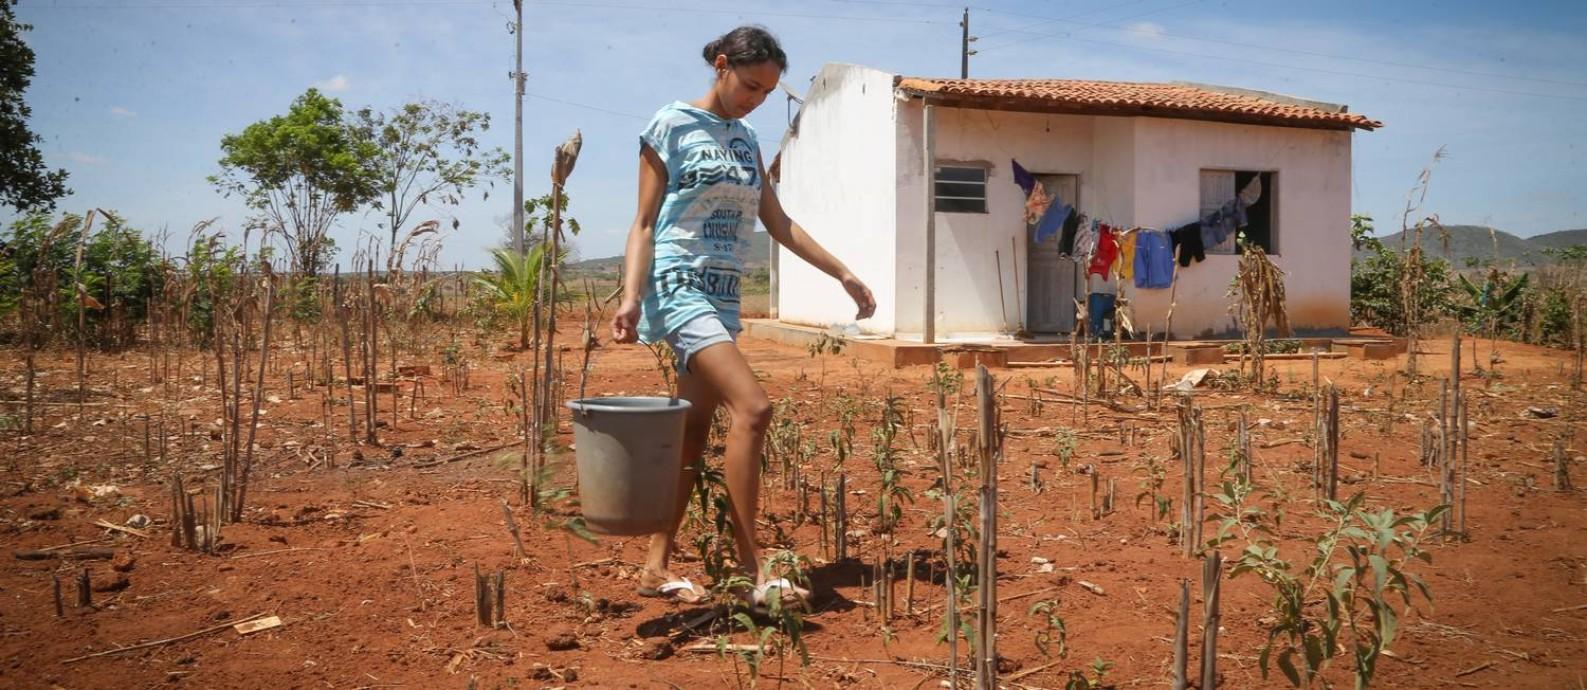 Serviço de abastecimento de água não chega a 27% das pessoas em situação de pobreza no país Foto: Marcos Alves / Agência O Globo